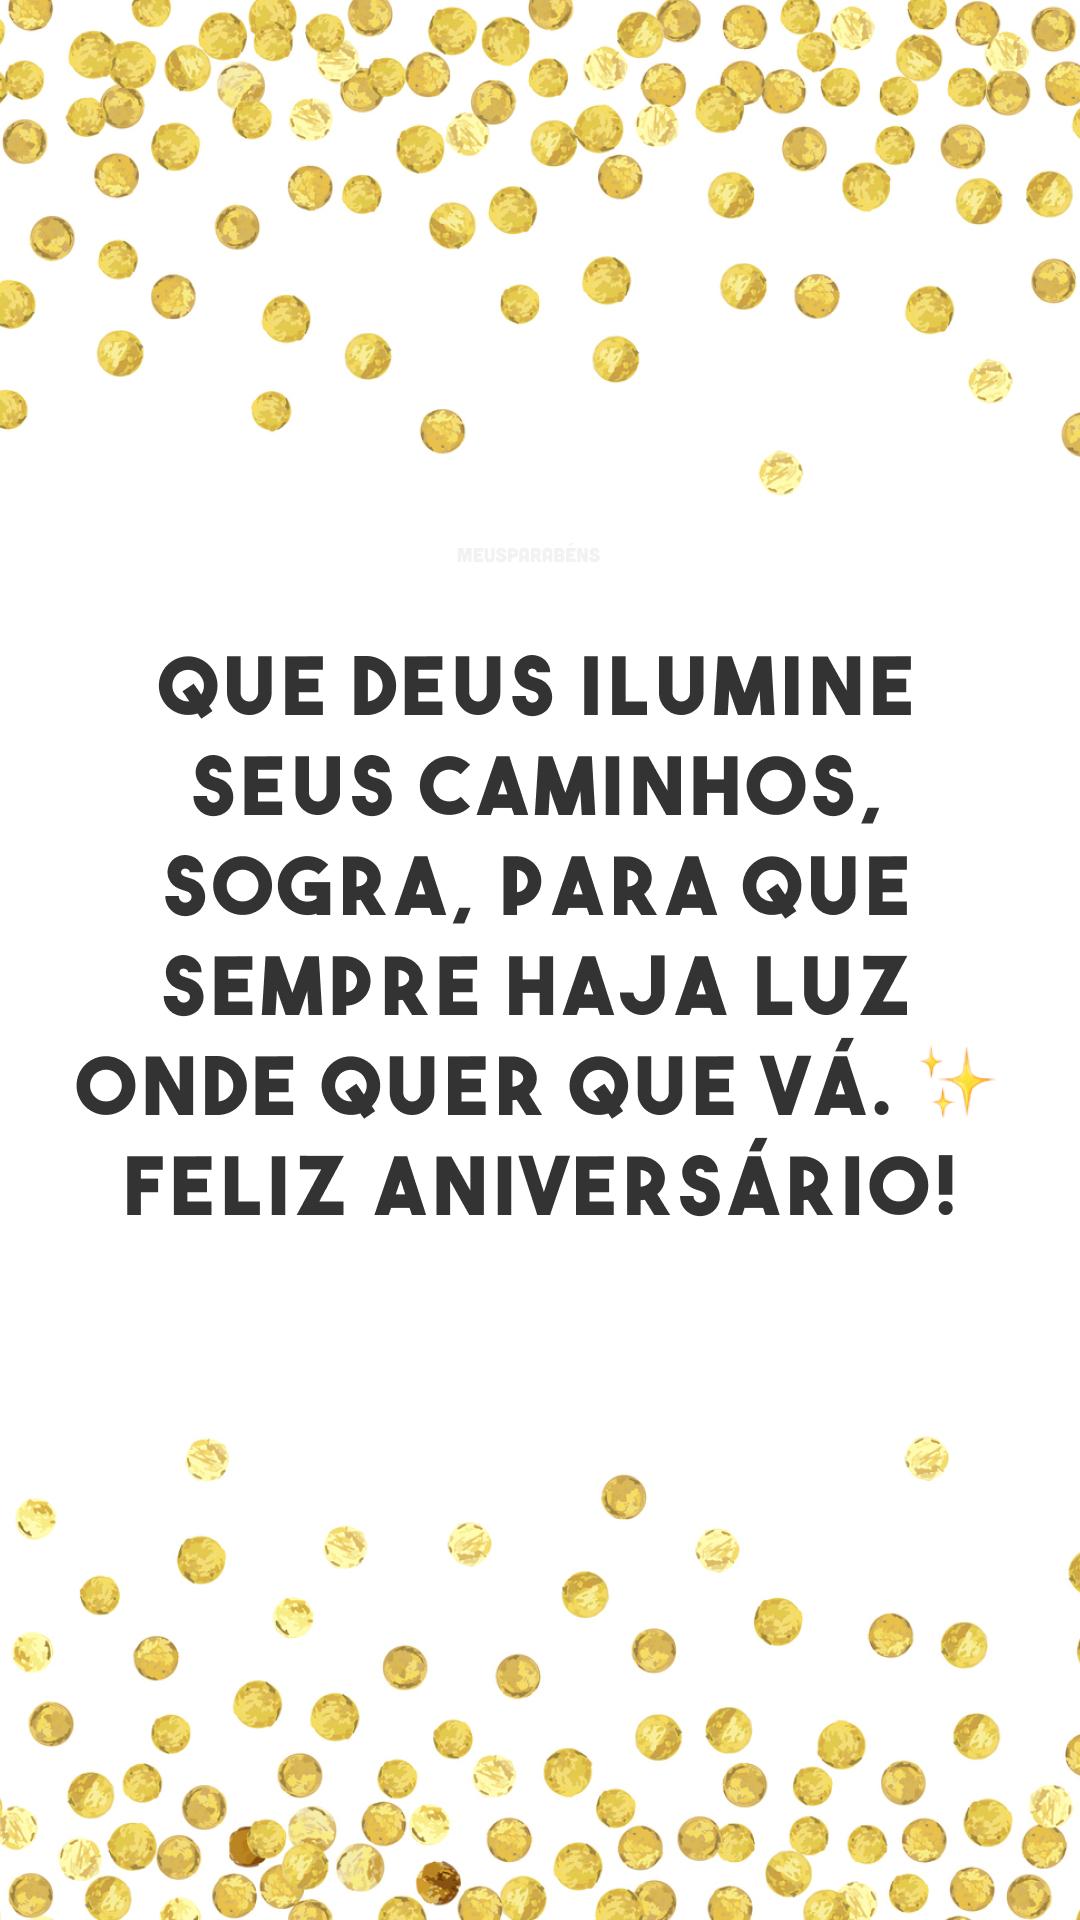 Que Deus ilumine seus caminhos, sogra, para que sempre haja luz onde quer que vá. ✨ Feliz aniversário!